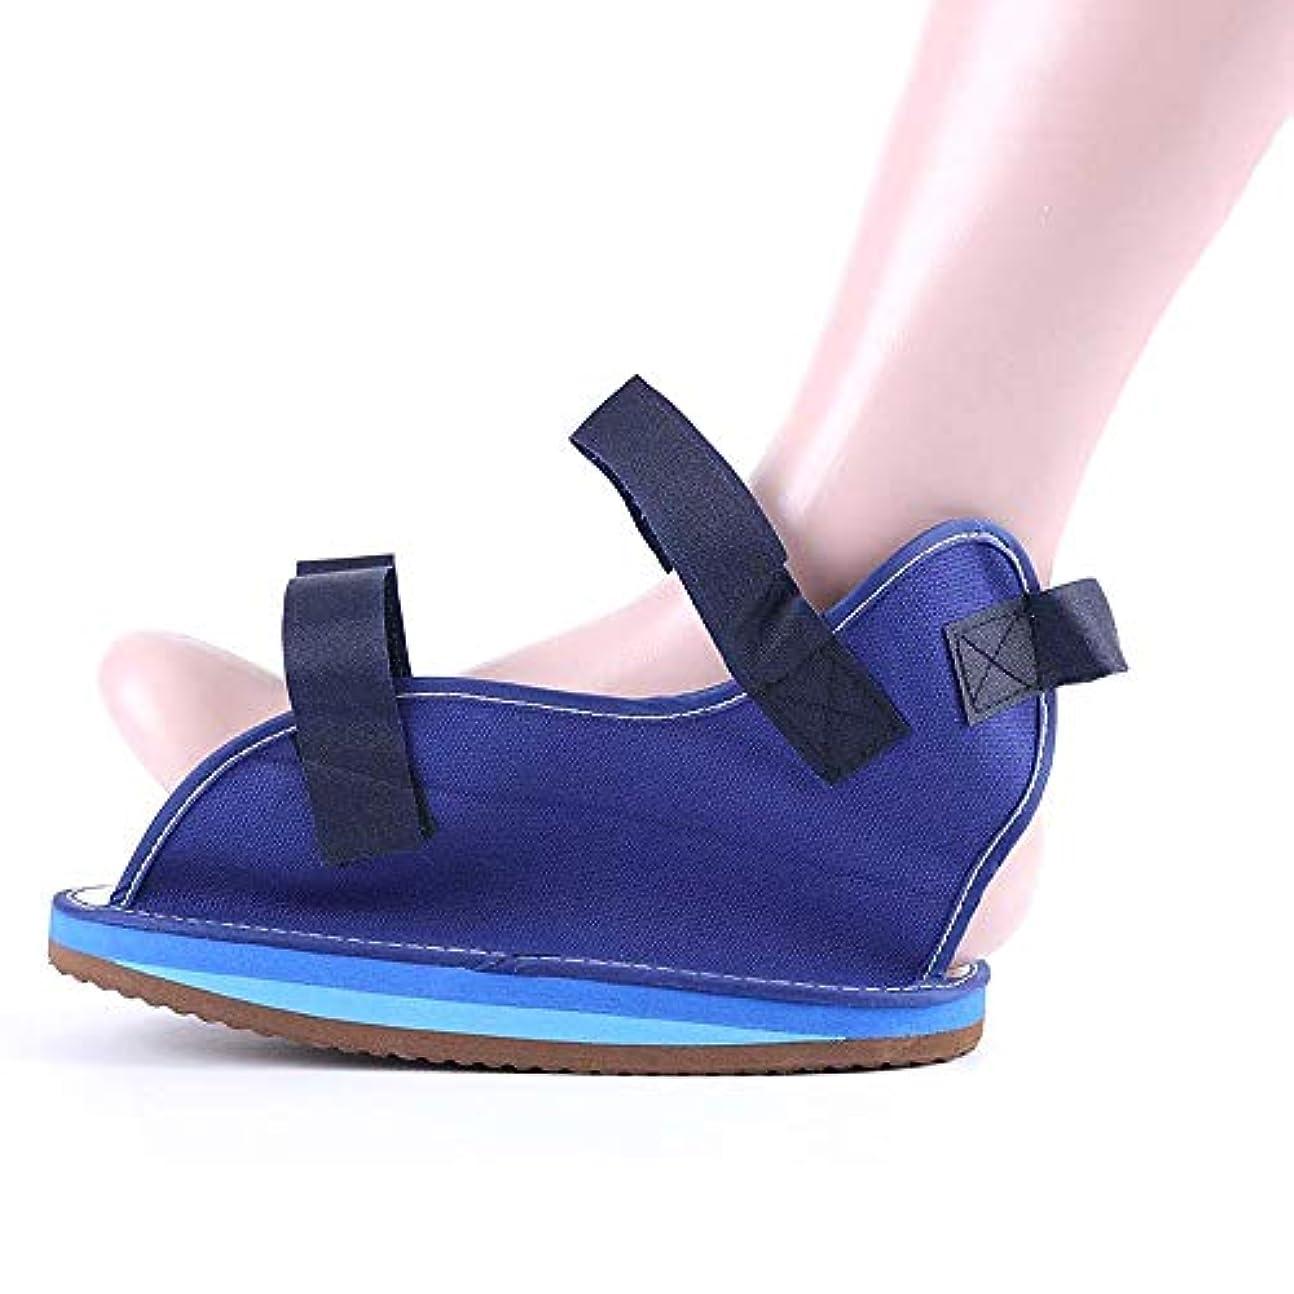 終わらせるグローバルこどもの日キャンバスロッカーボトムキャストシューズ - 調節可能な医療ウォーキングブーツオープントゥサンダル - 壊れたつま先/足の骨折のための術後靴 (Size : L)